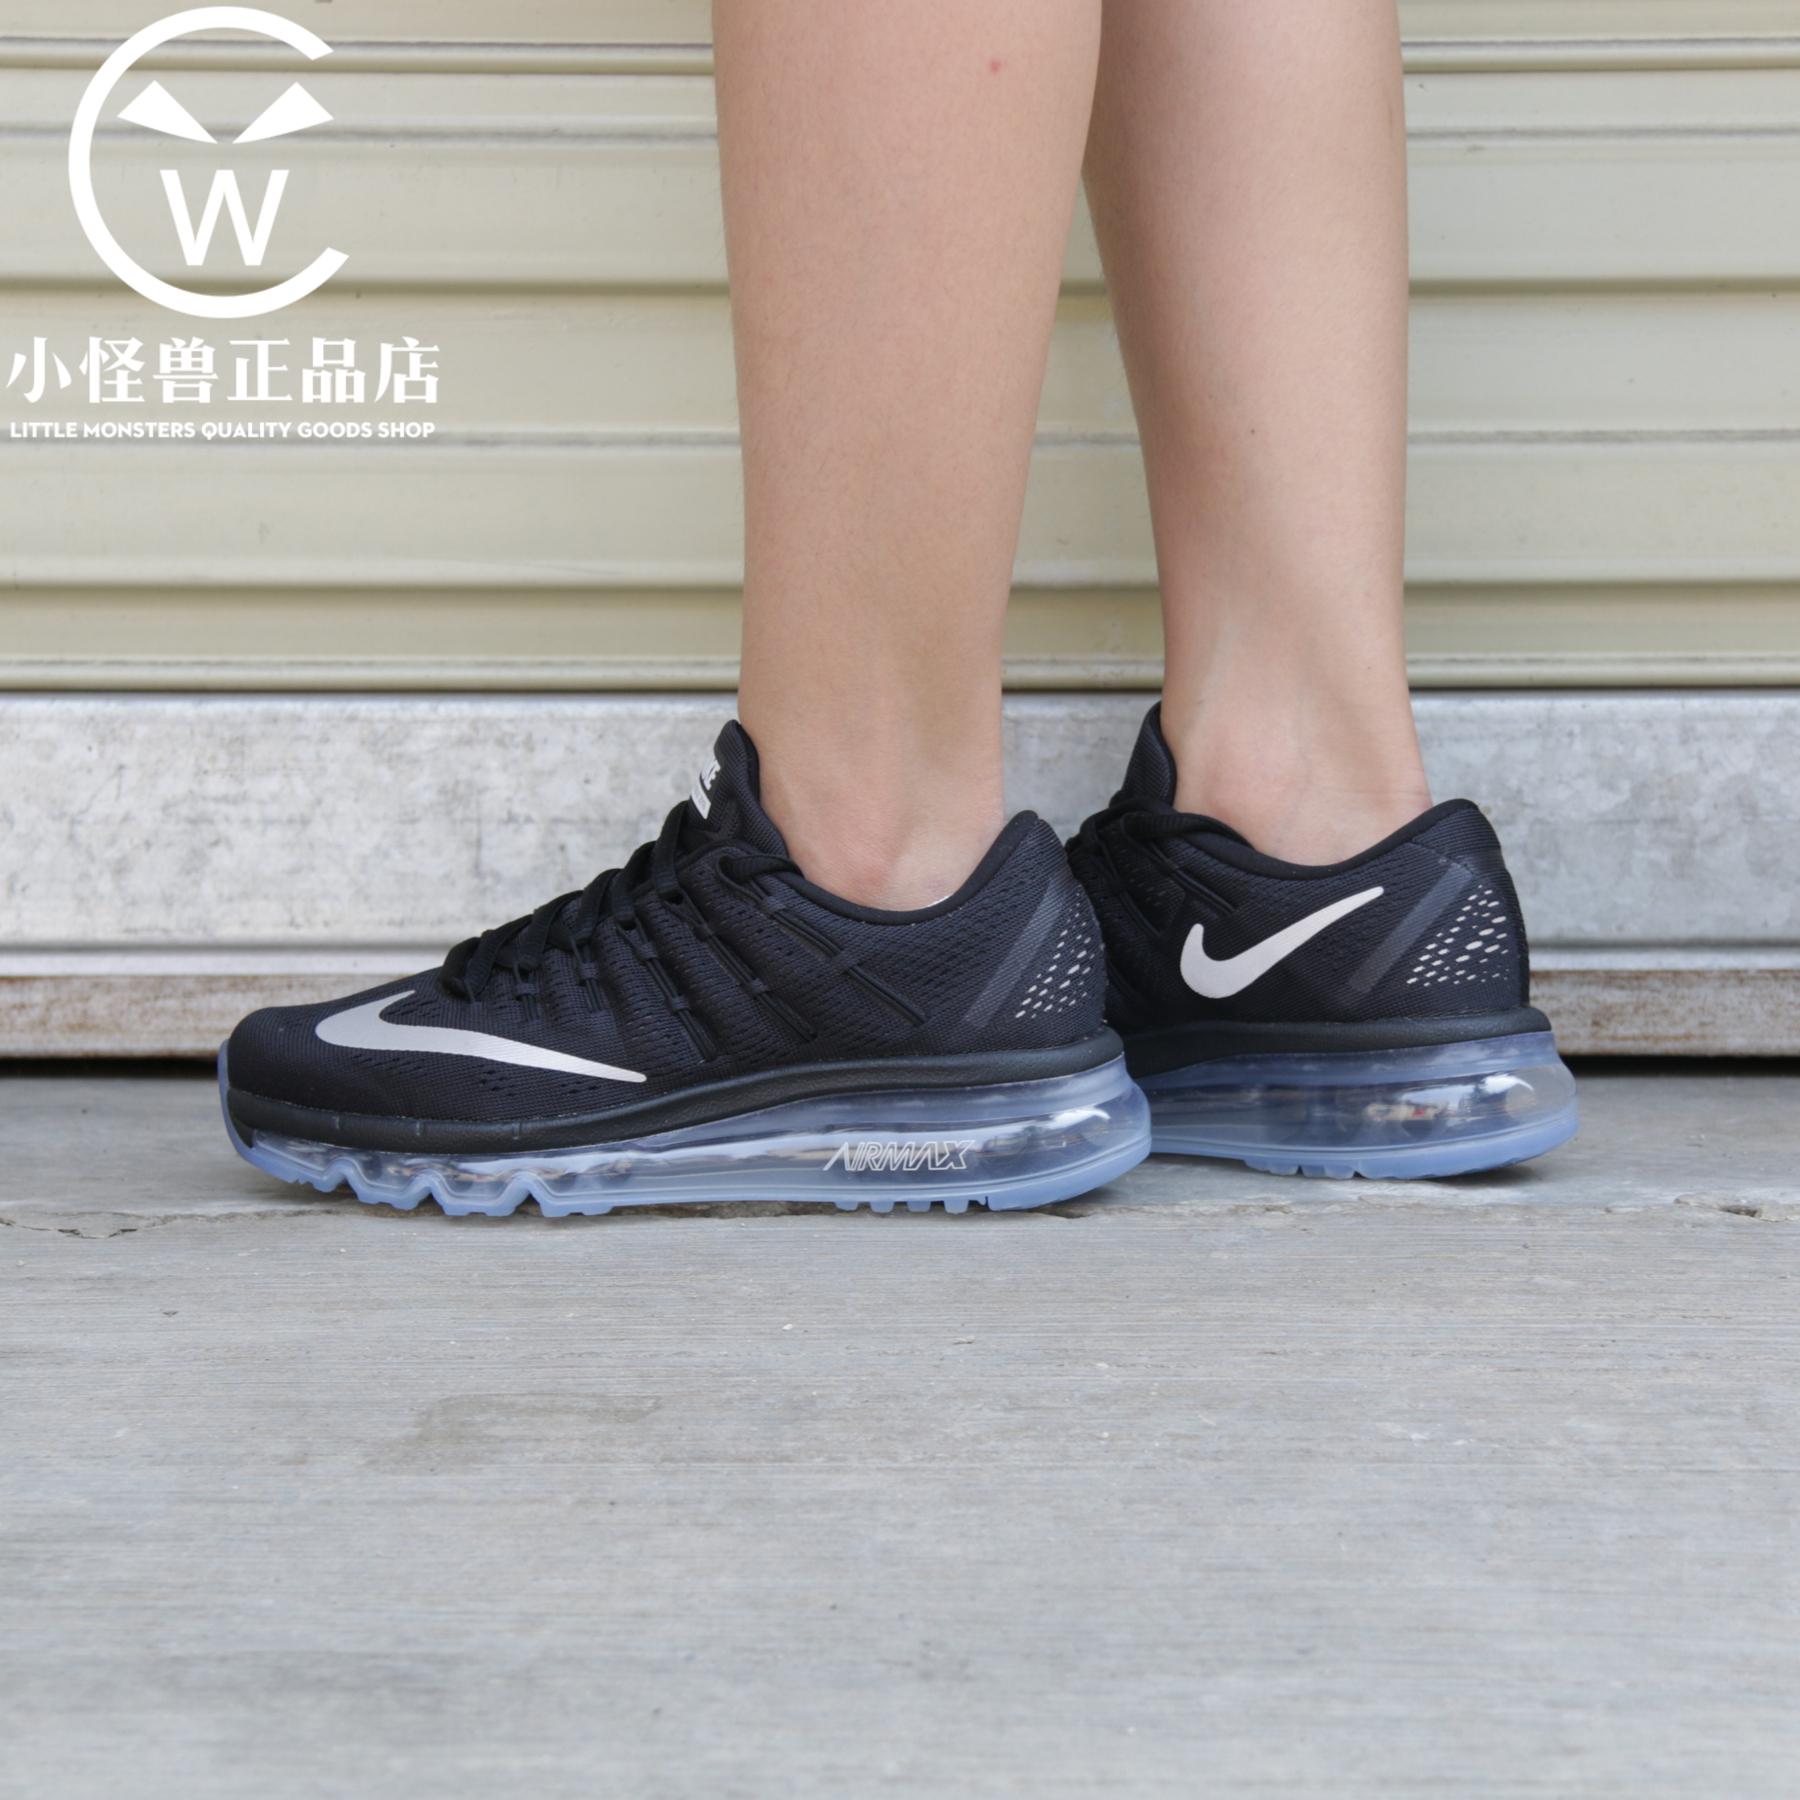 耐克运动鞋图片 Nike耐克 女子全掌气垫3M女跑步运动鞋 806772-001_推荐淘宝好看的女耐克运动鞋